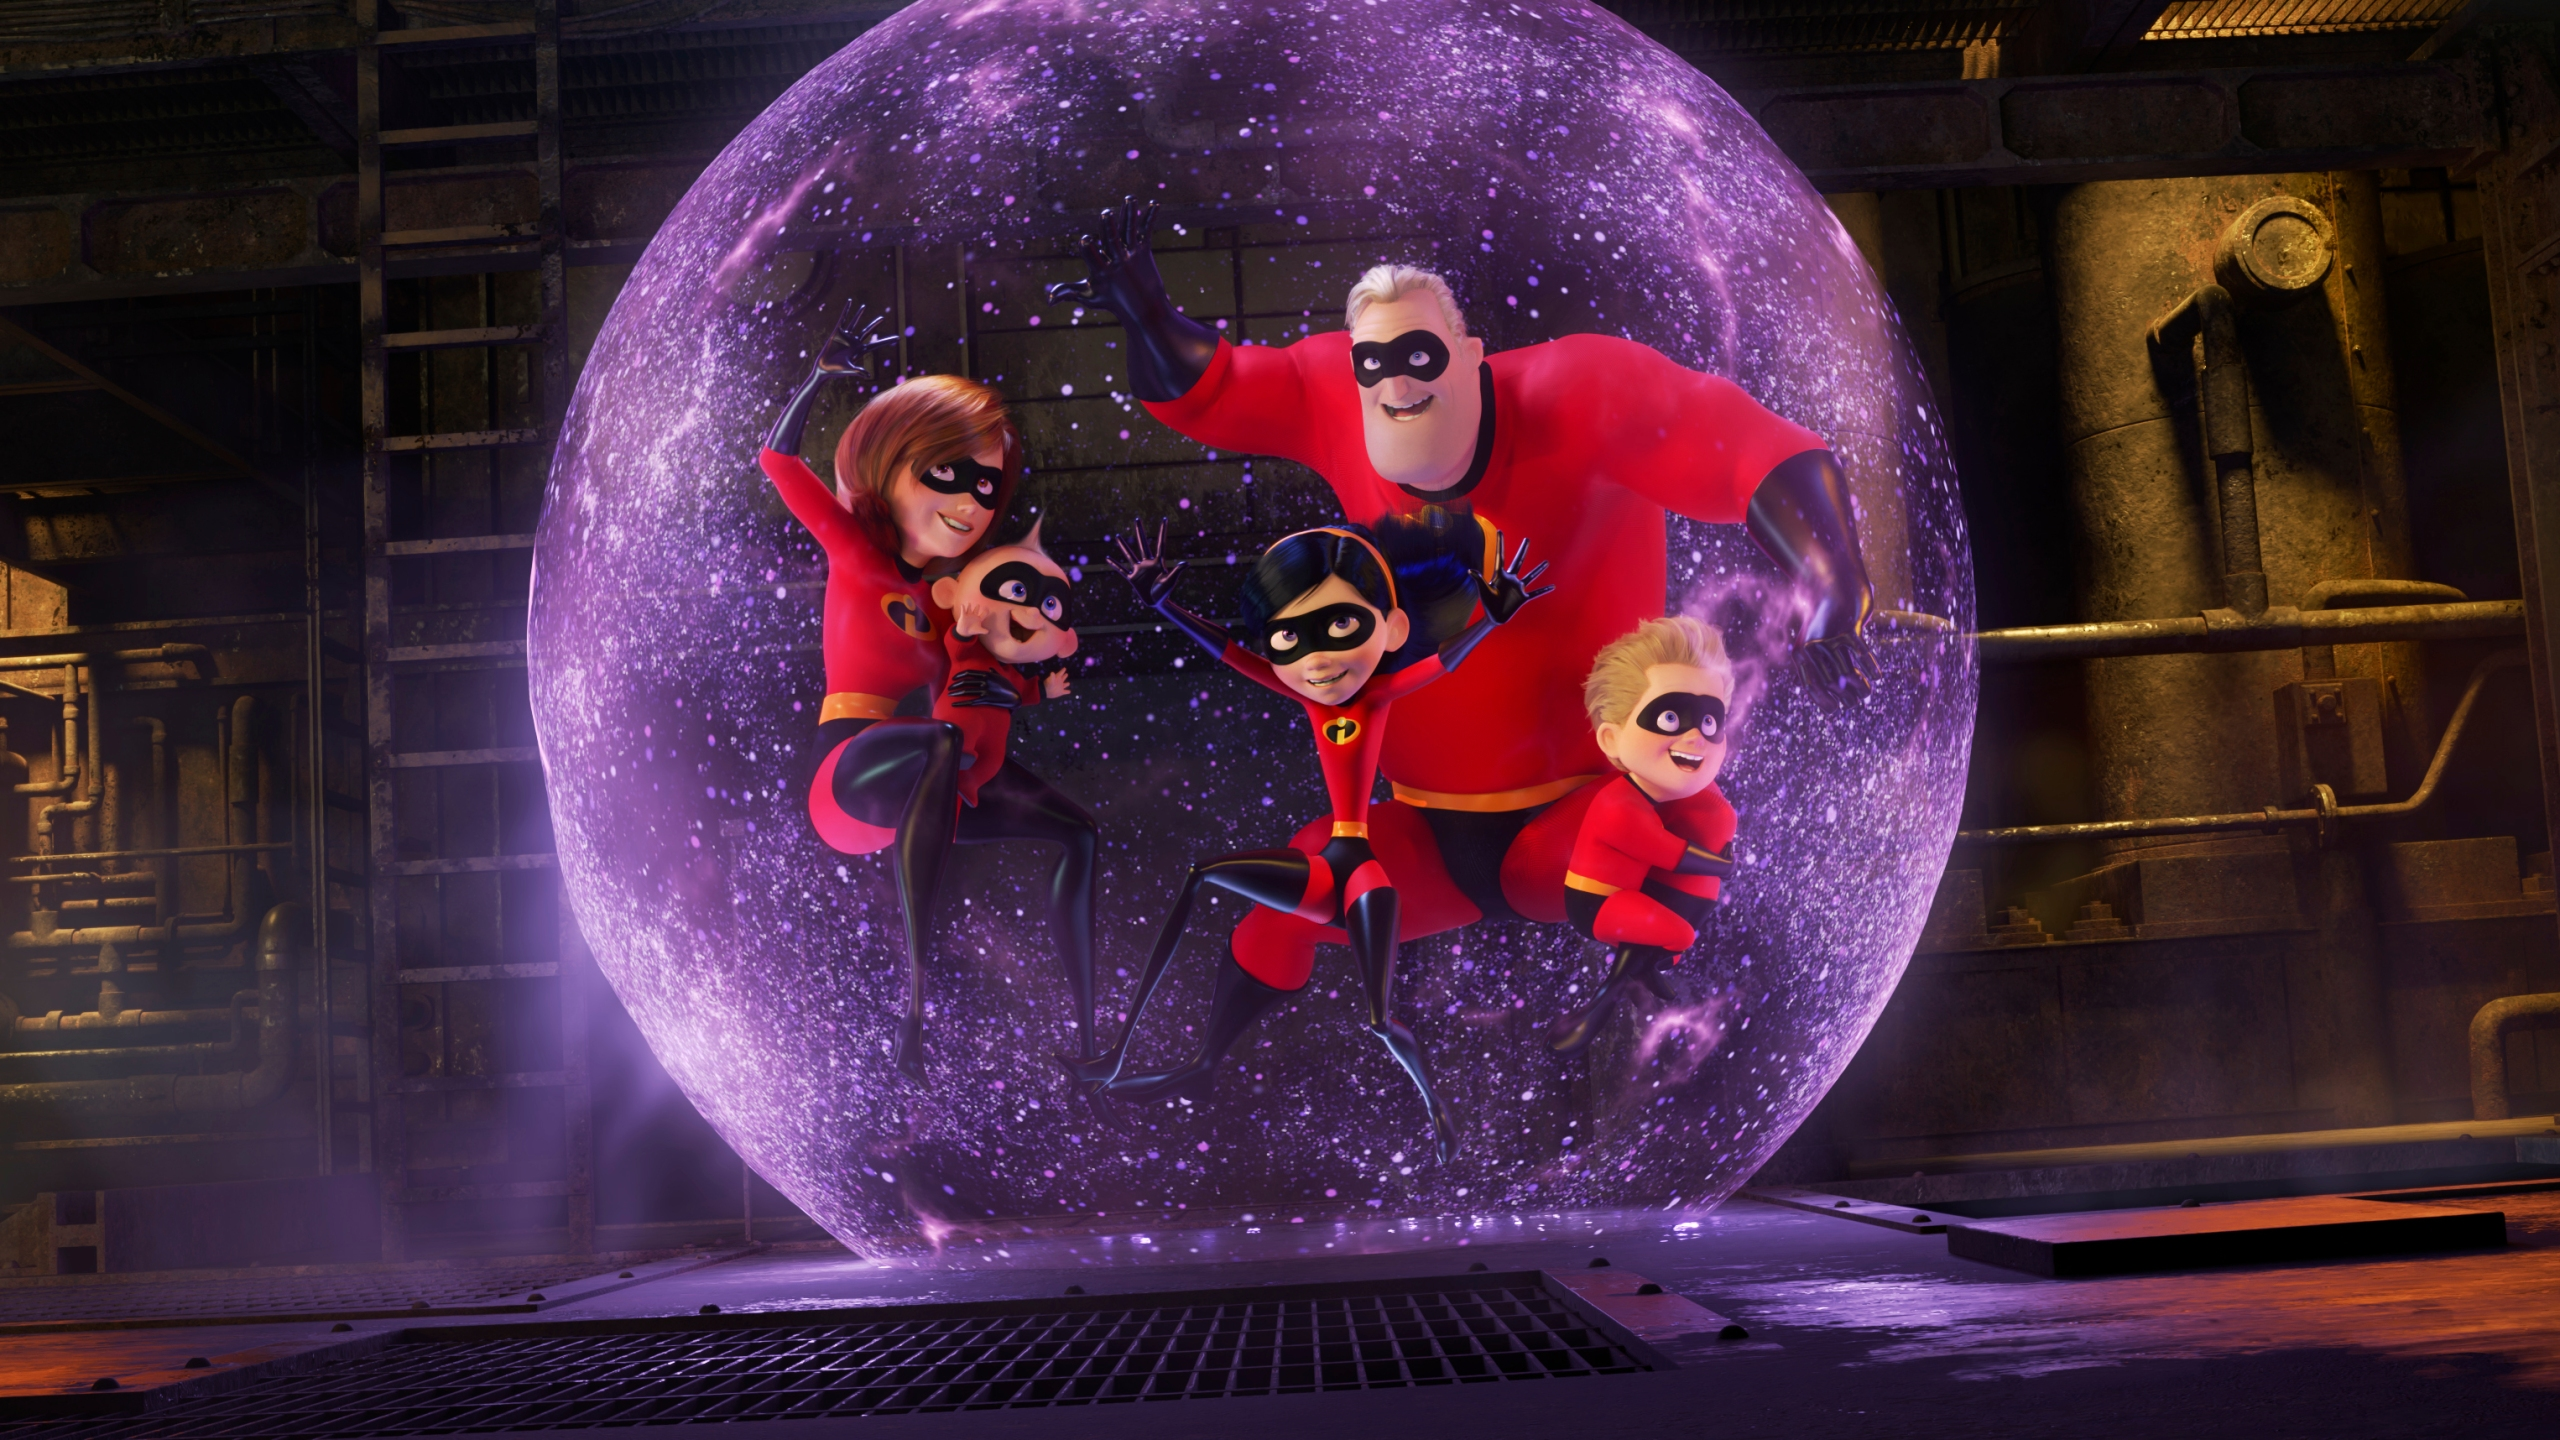 Film_Review_Incredibles_2_49860-159532.jpg76573010